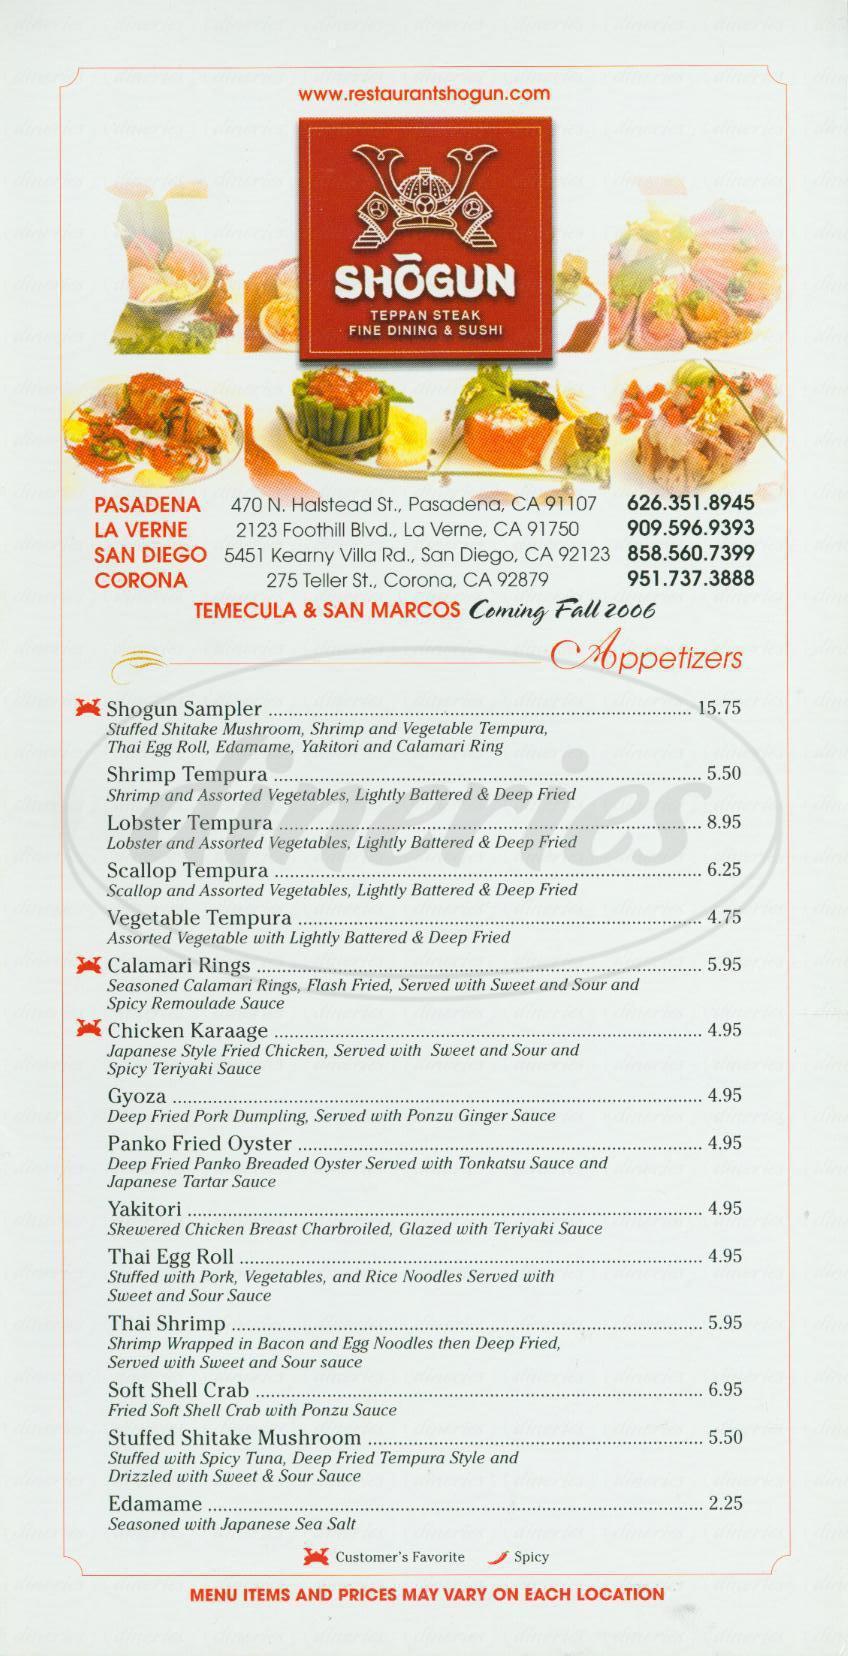 menu for Shogun Tepan Steak